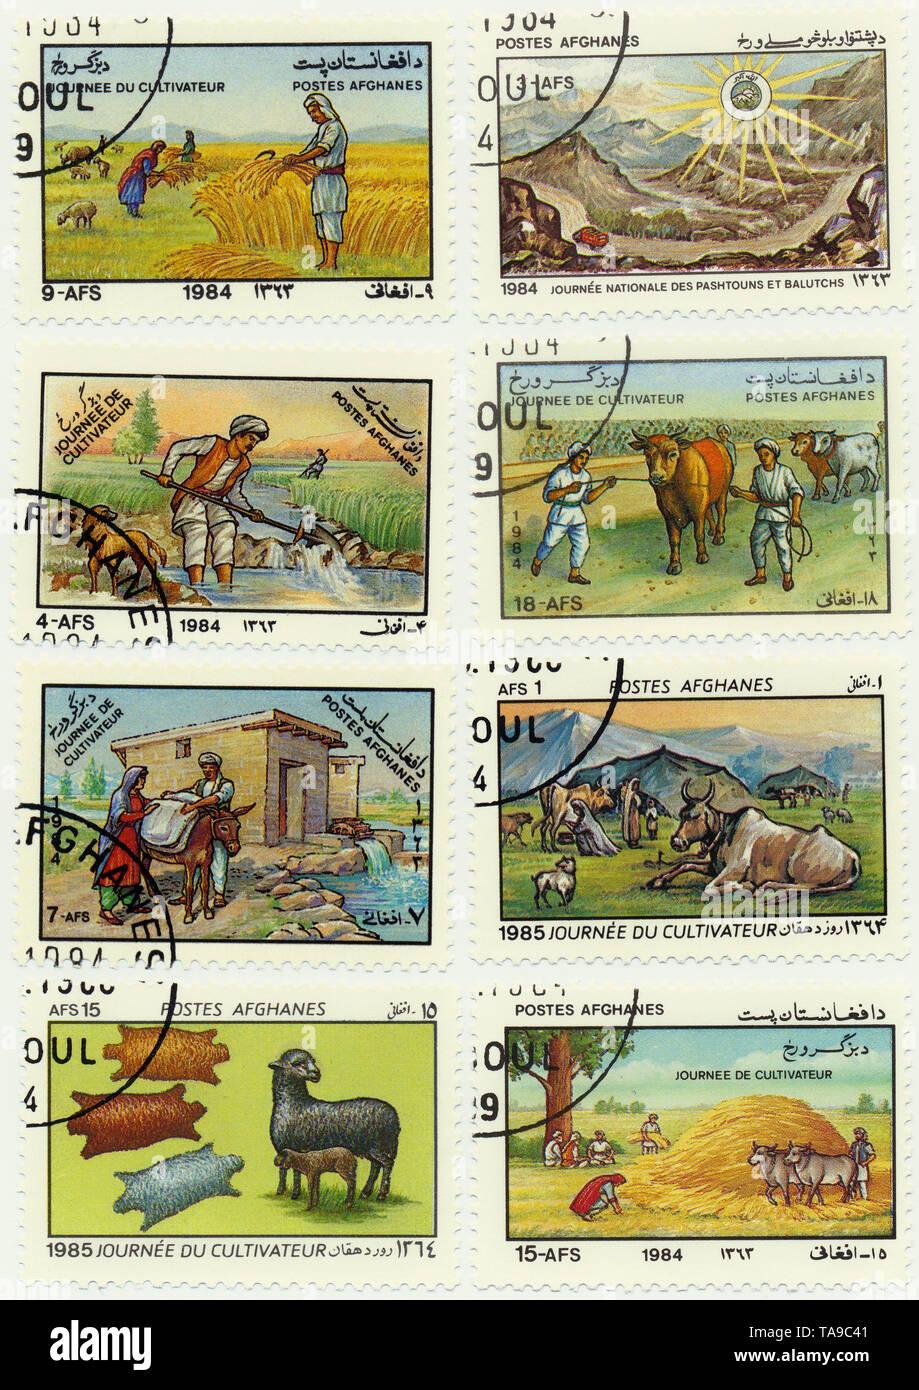 Historic postage stamps from Afghanistan, celebration of the day of agriculture, Historische Briefmarken aus Afghanistan zum Tag der Landwirtschft, 1985 - Stock Image